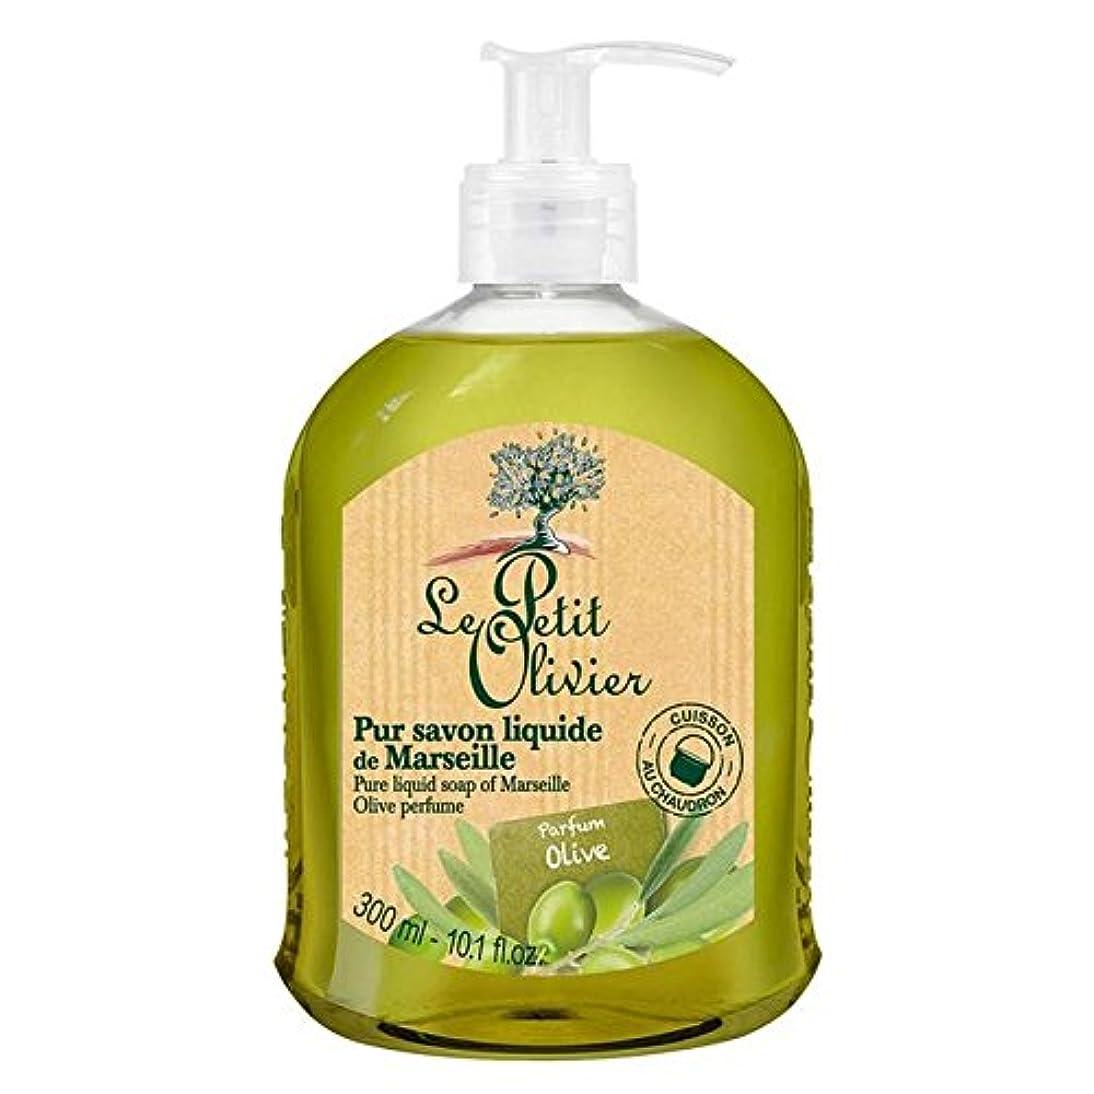 美的膨張するゲートウェイマルセイユのル?プティ?オリヴィエ純粋な液体石鹸、オリーブオイル300ミリリットル x2 - Le Petit Olivier Pure Liquid Soap of Marseille, Olive Oil 300ml...